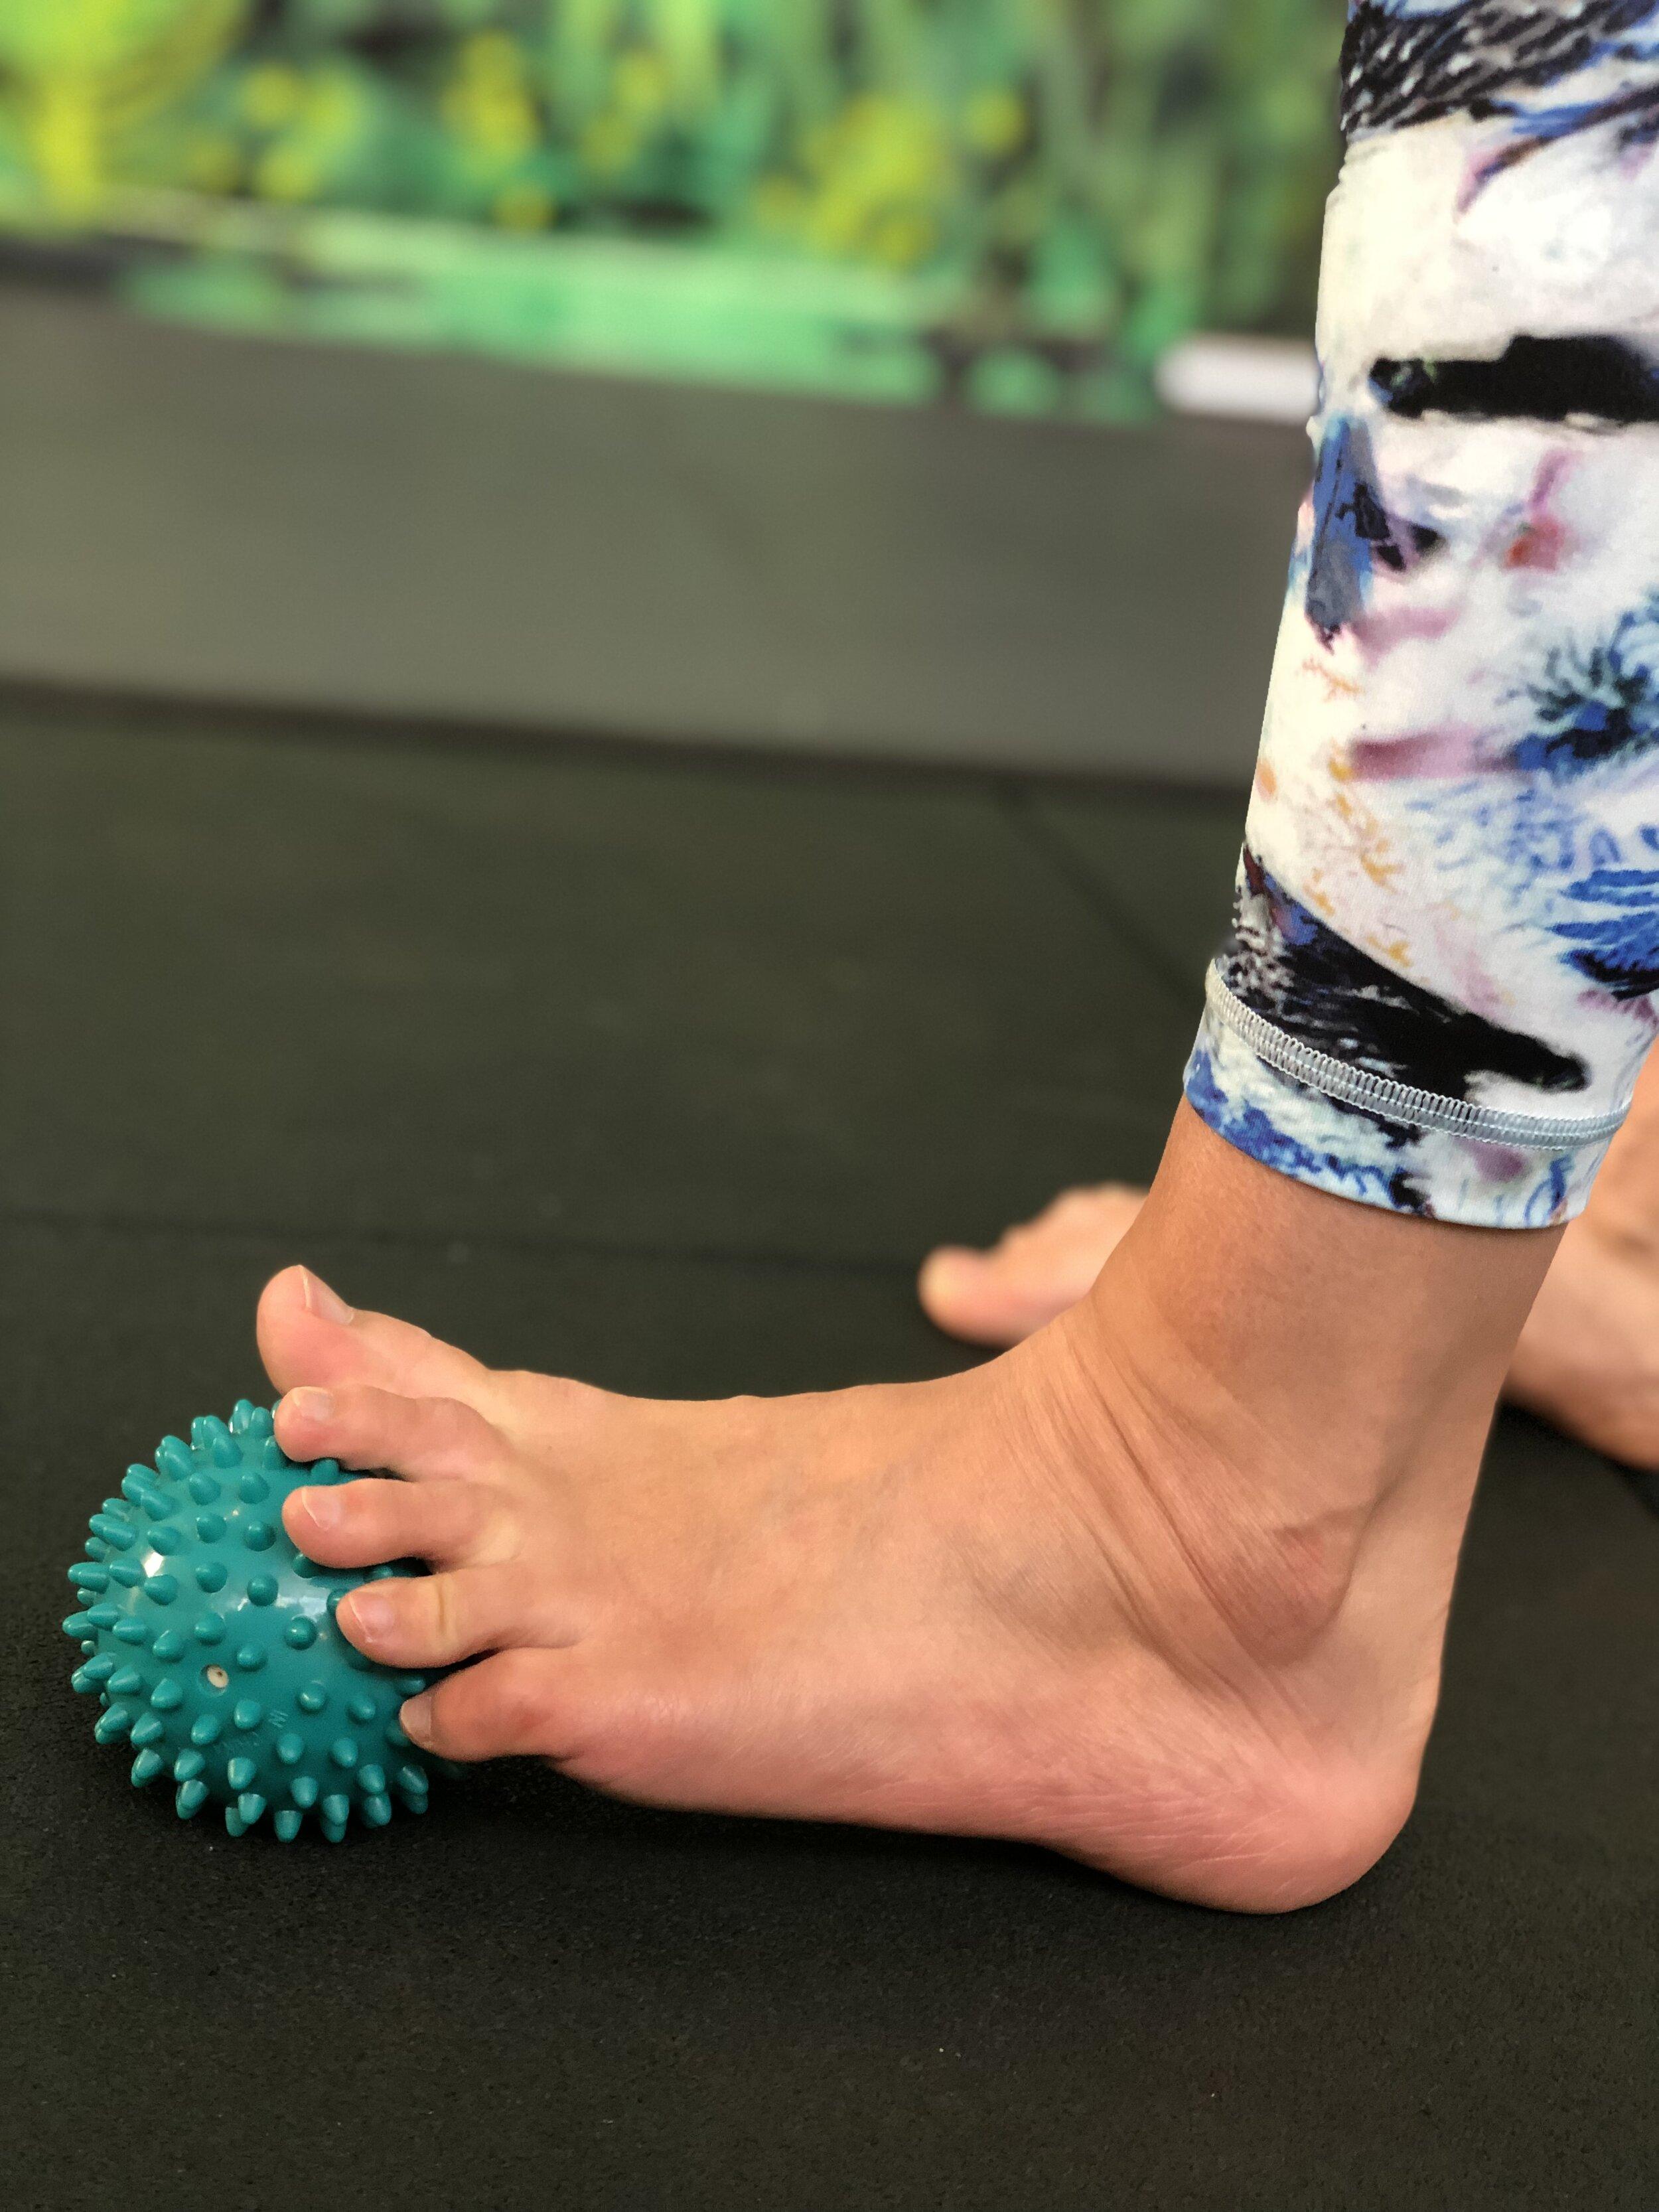 Massage ball - toe stretch .JPEG